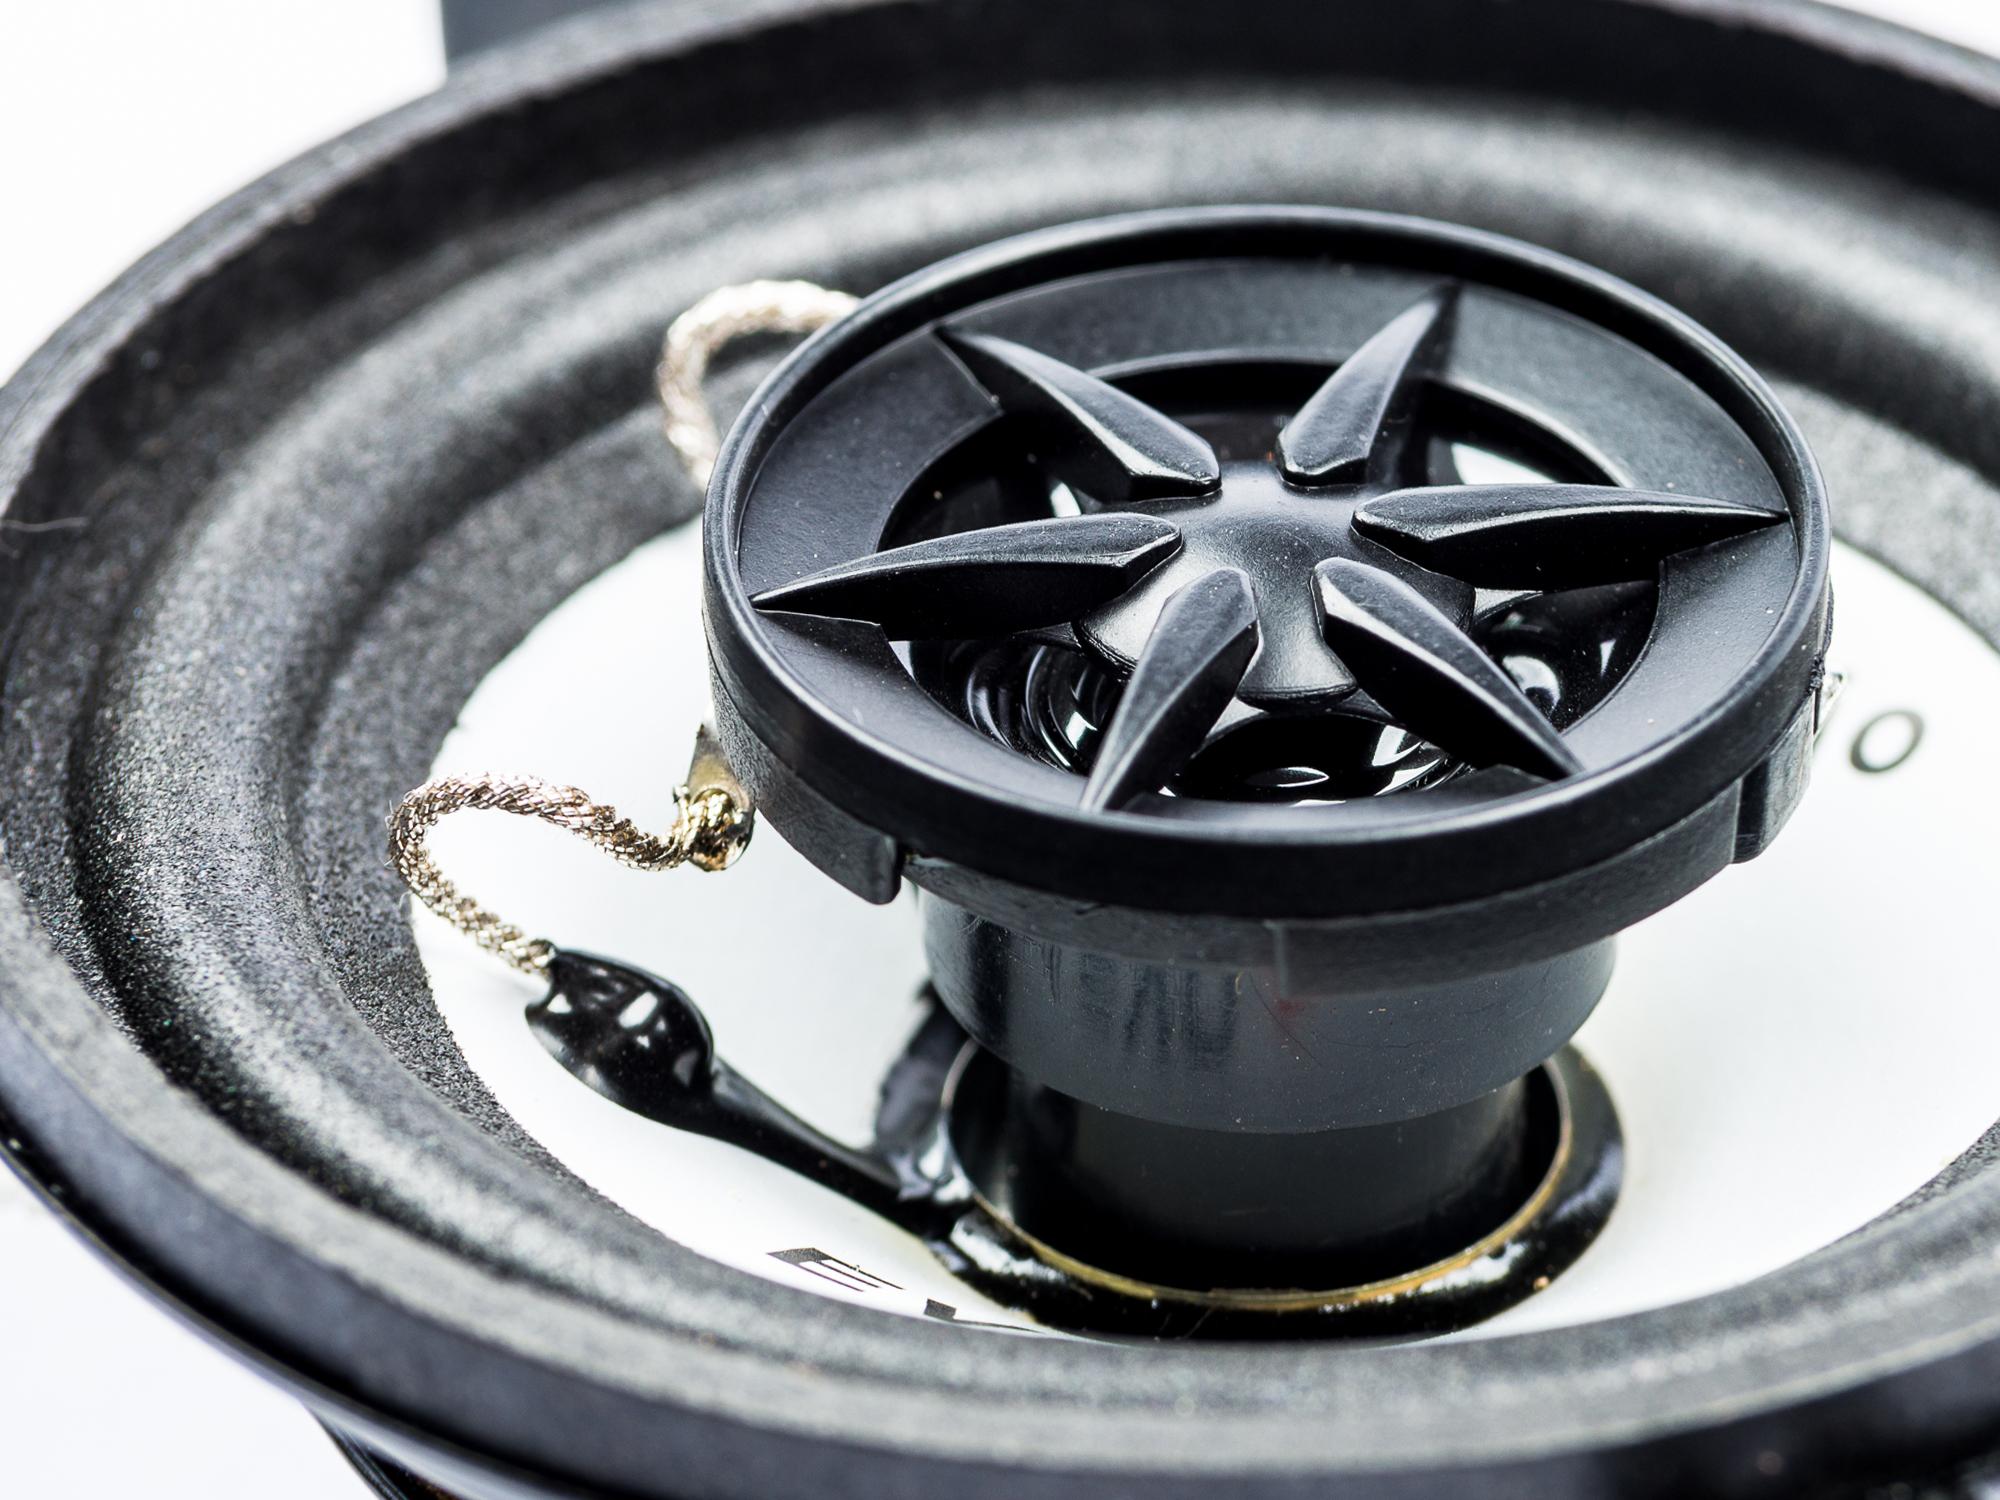 13 cm Coax 2-Wege-Koax VW Golf II, Lautsprecher Tür Vorne  – Bild 4